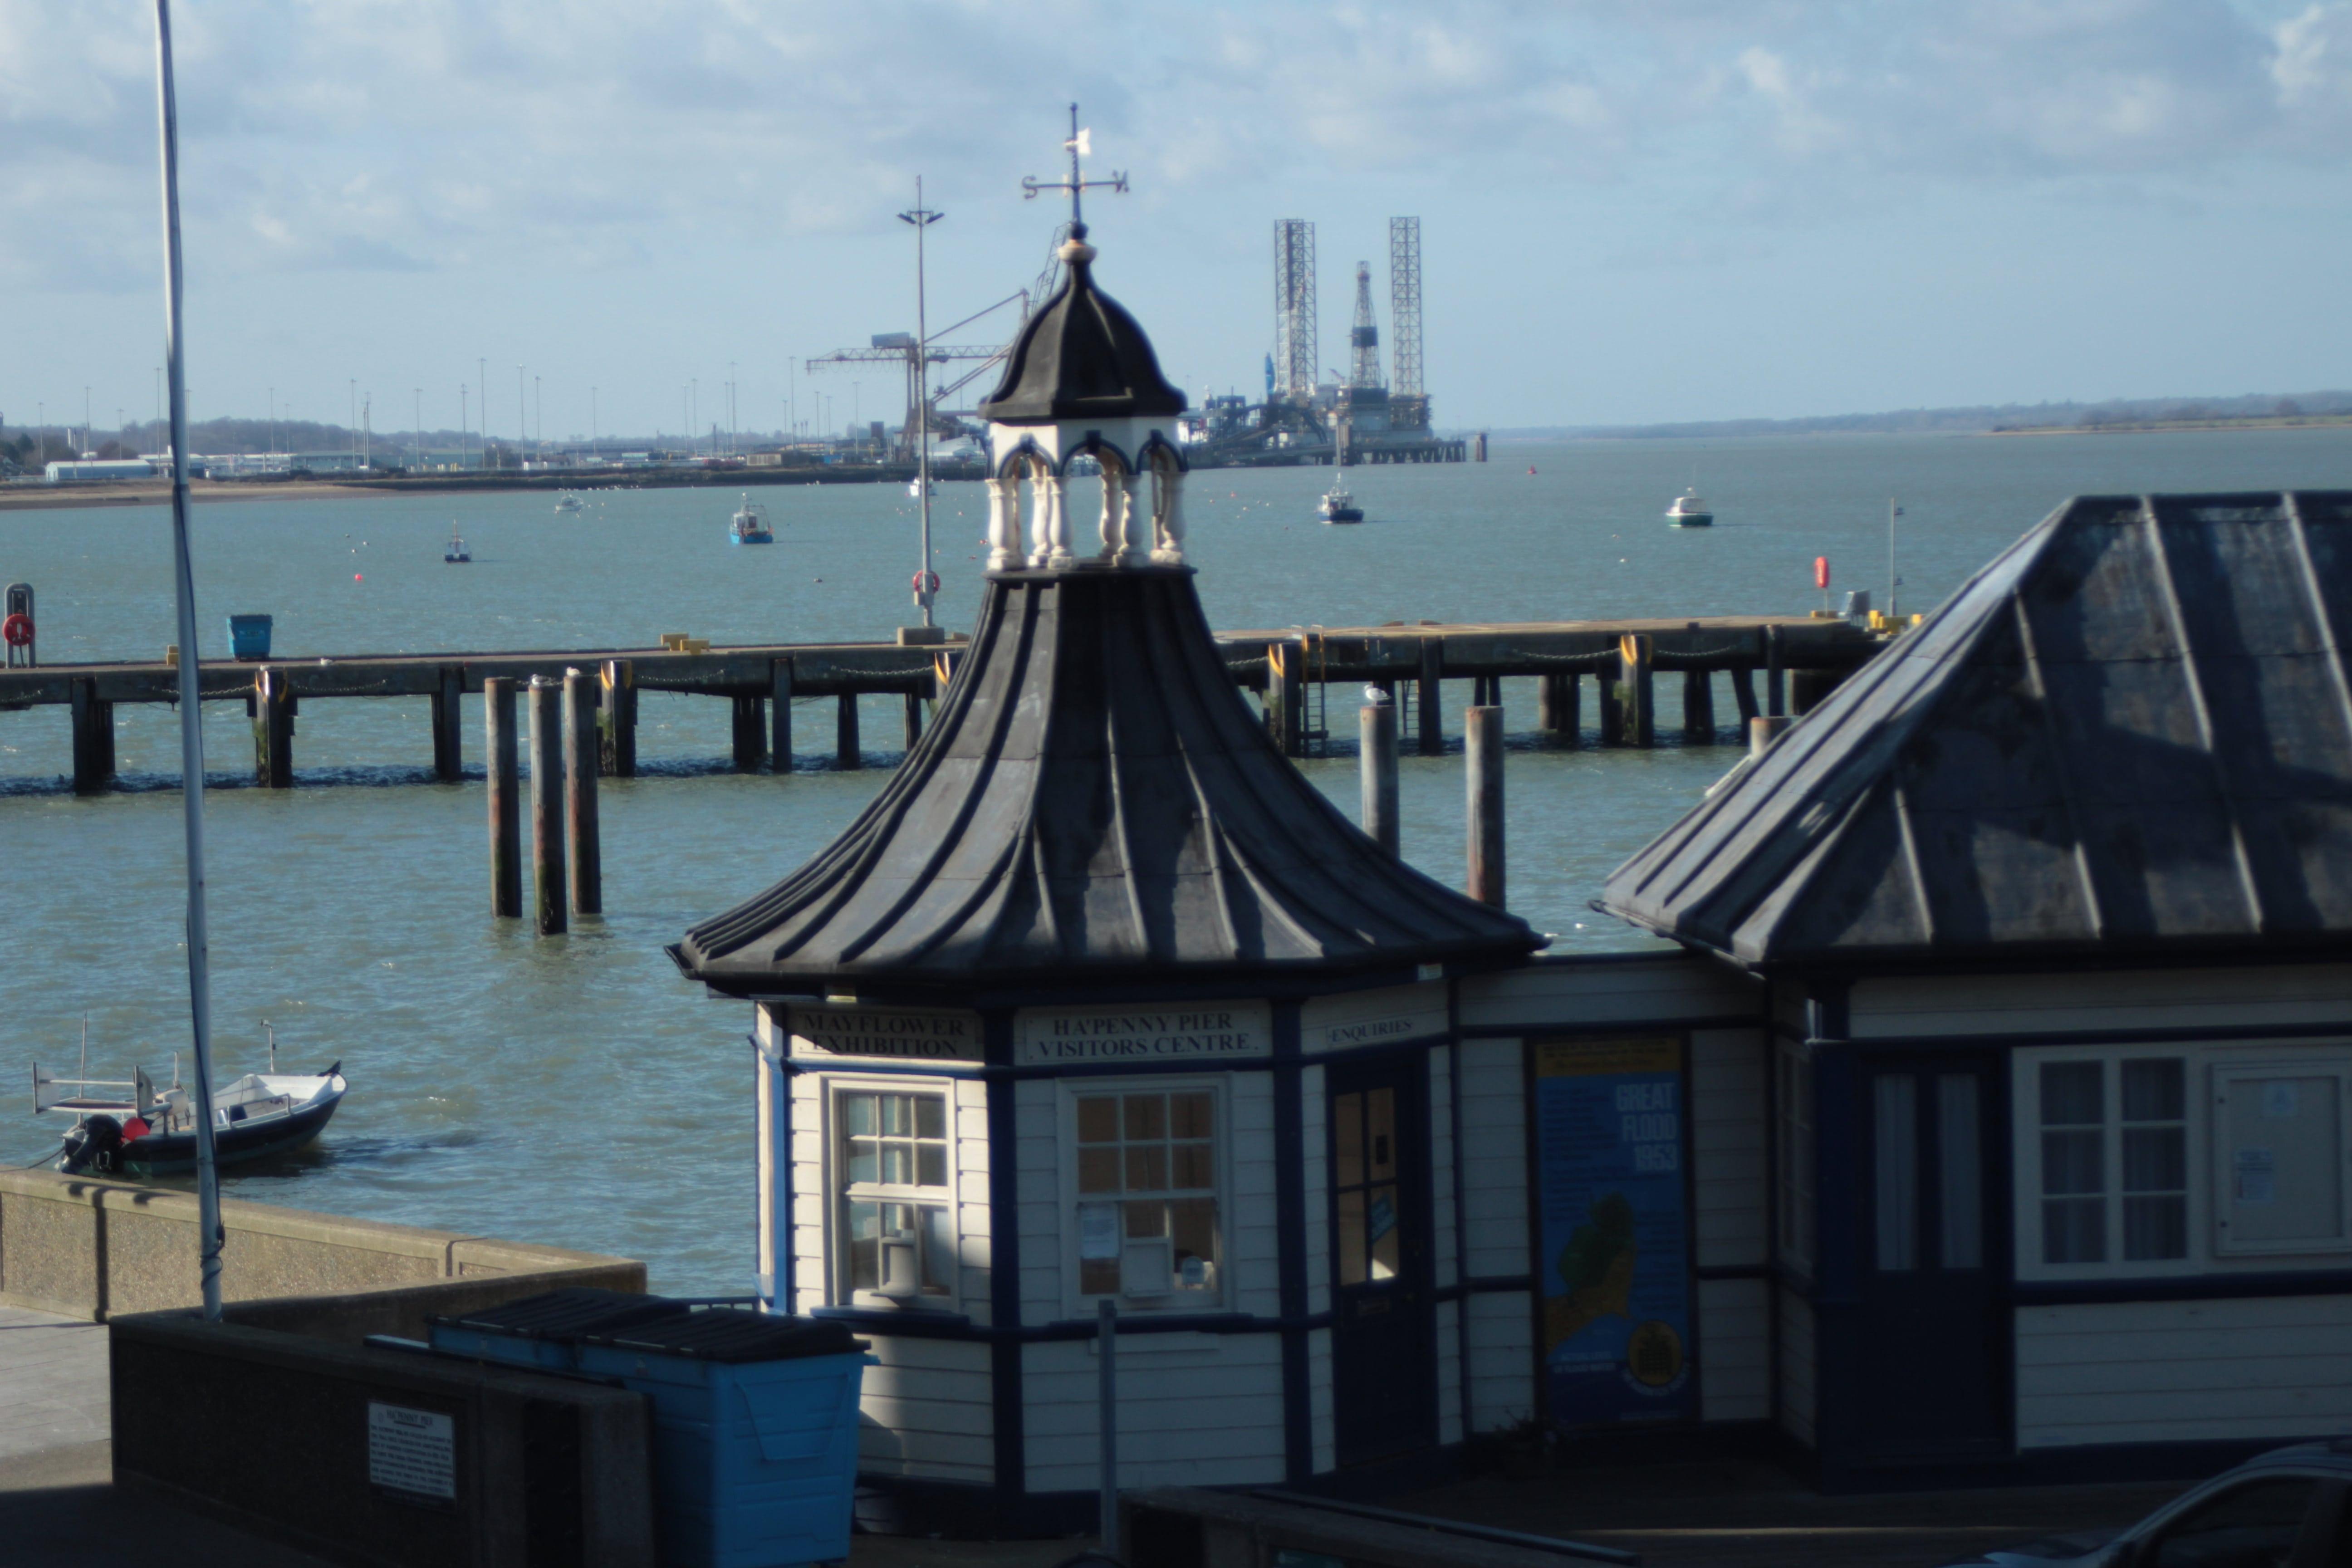 Ha'penny Pier - Mayflower Harwich